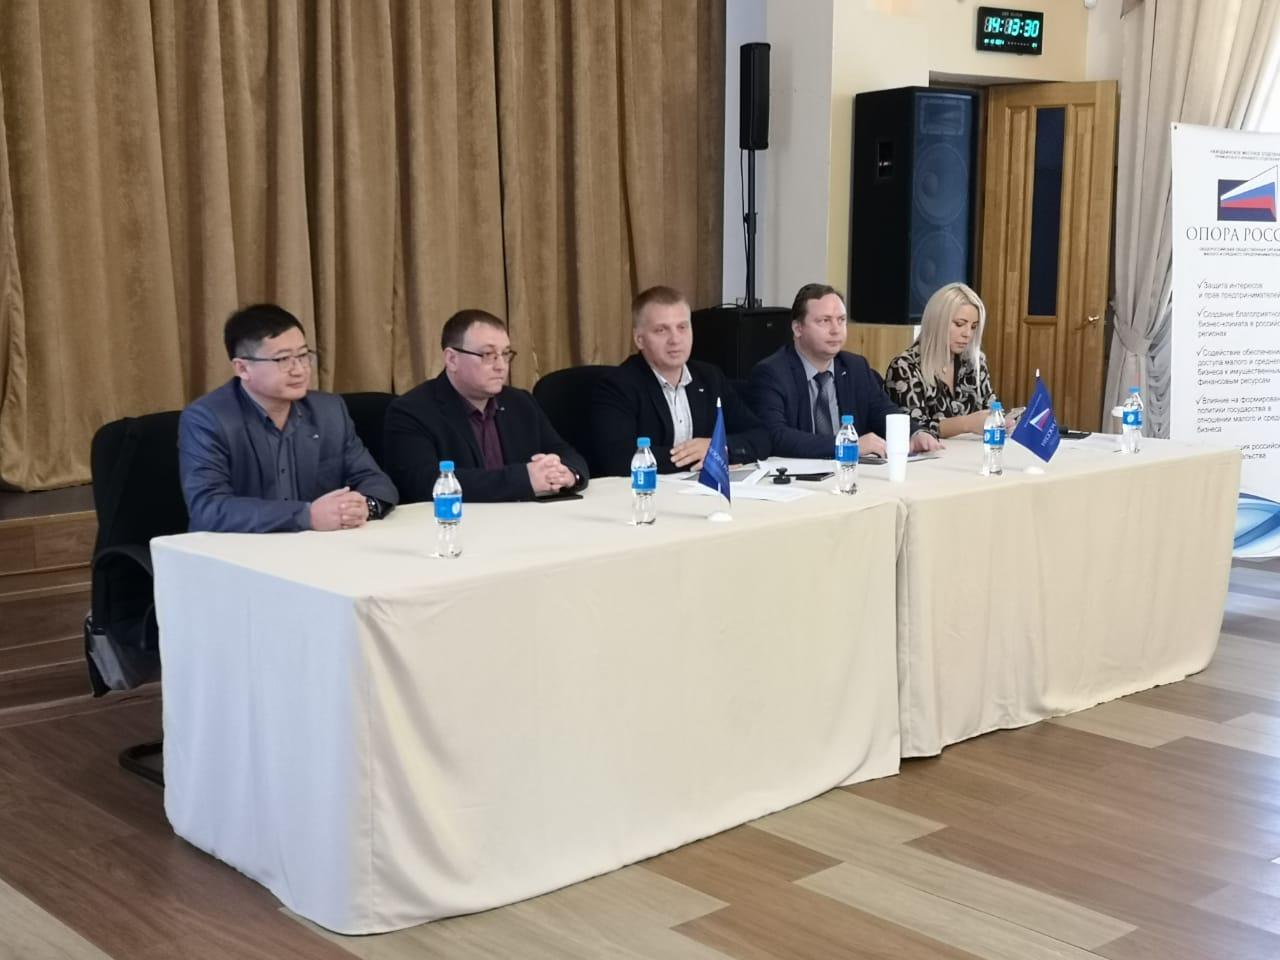 Новым председателем Находкинского местного отделения «ОПОРЫ РОССИИ» стал Сергей Пак